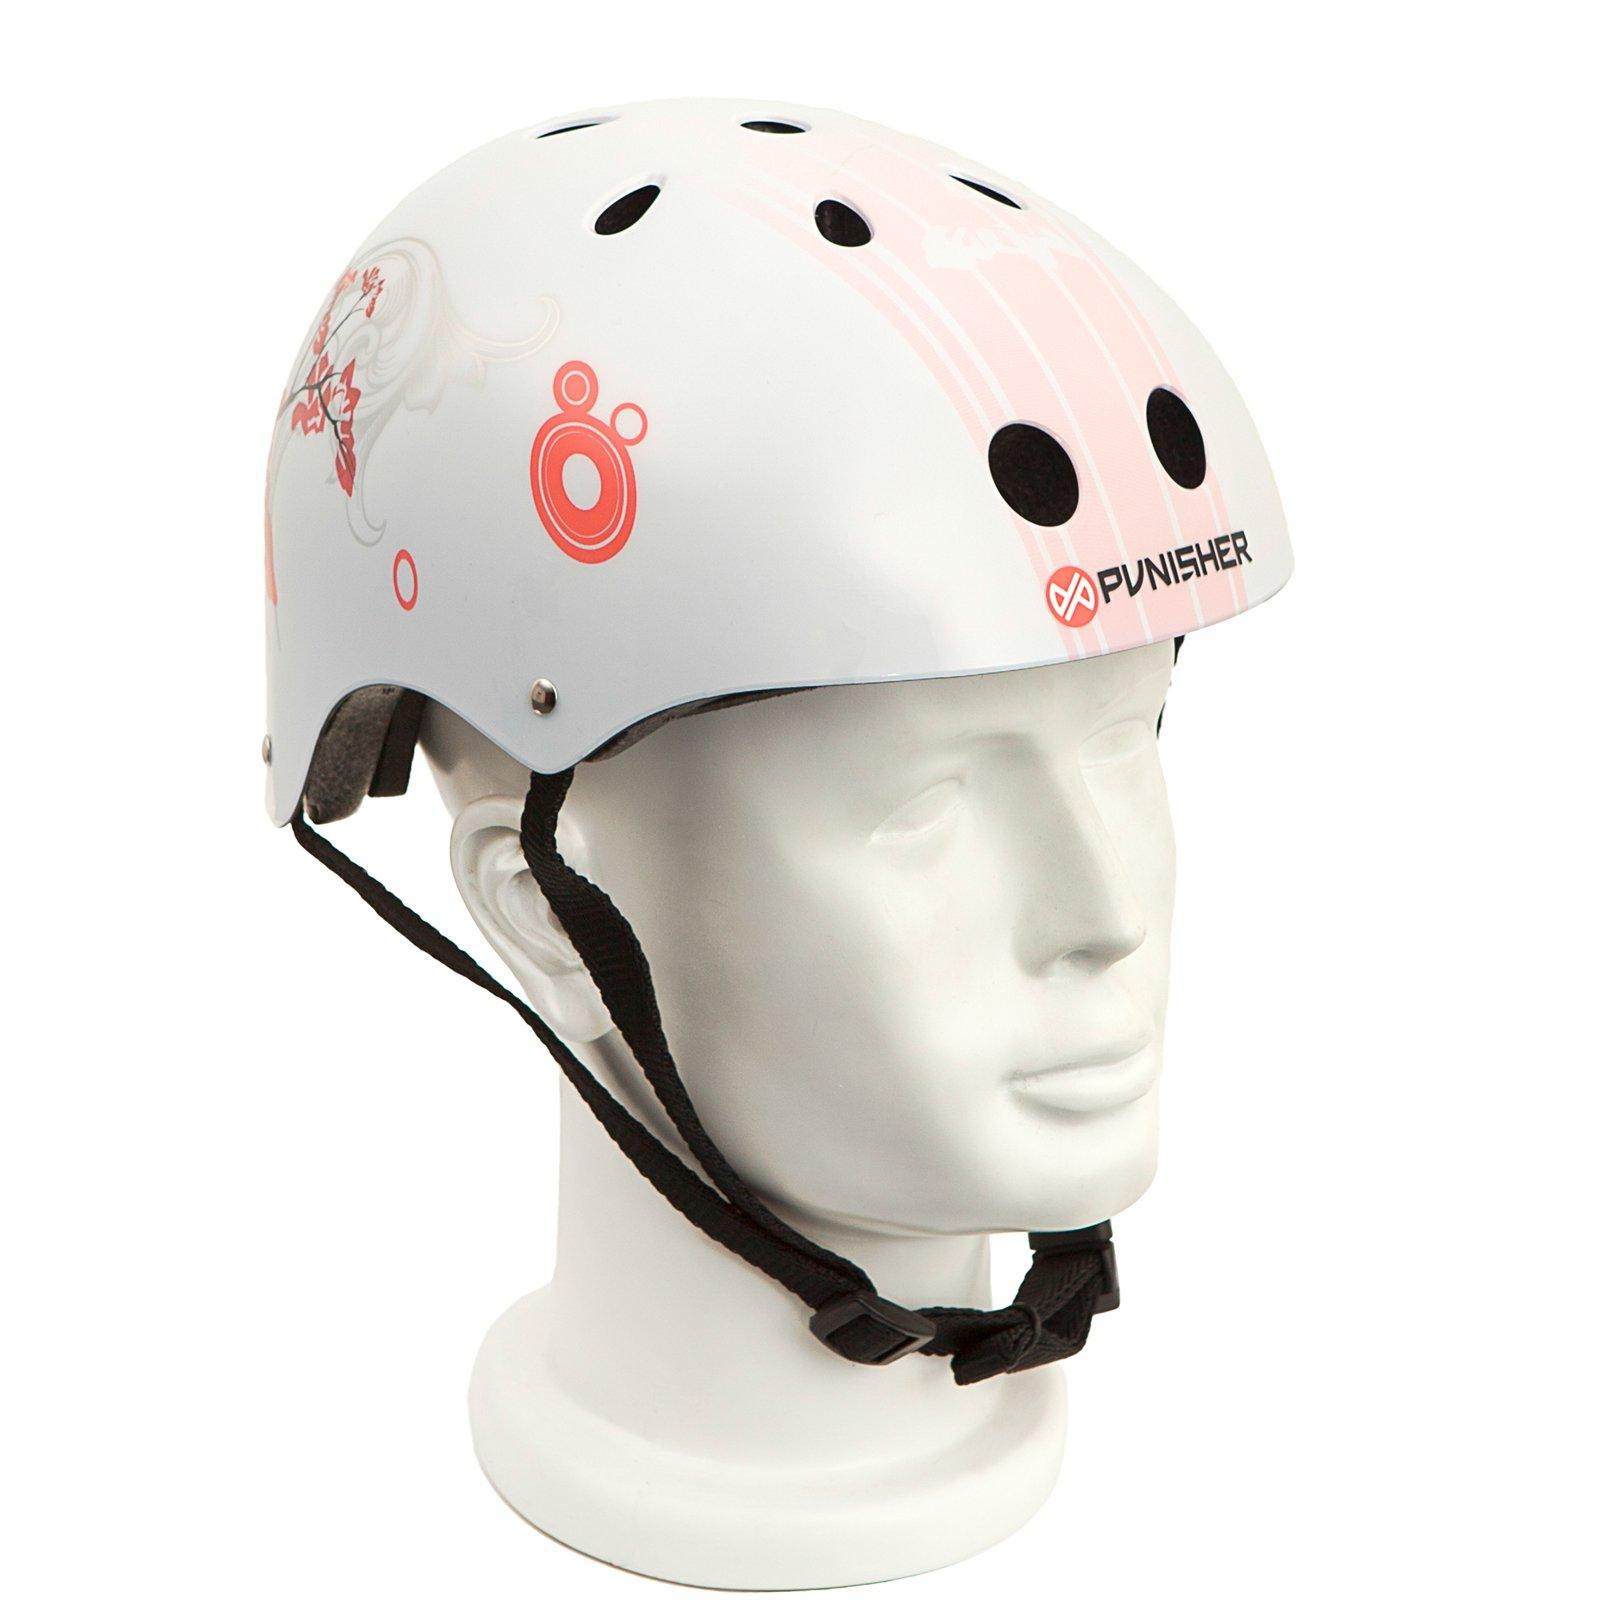 Punisher Skateboards Cherry Blossom Pink and White Adjustable All-Sport Skate-Style Helmet, Medium